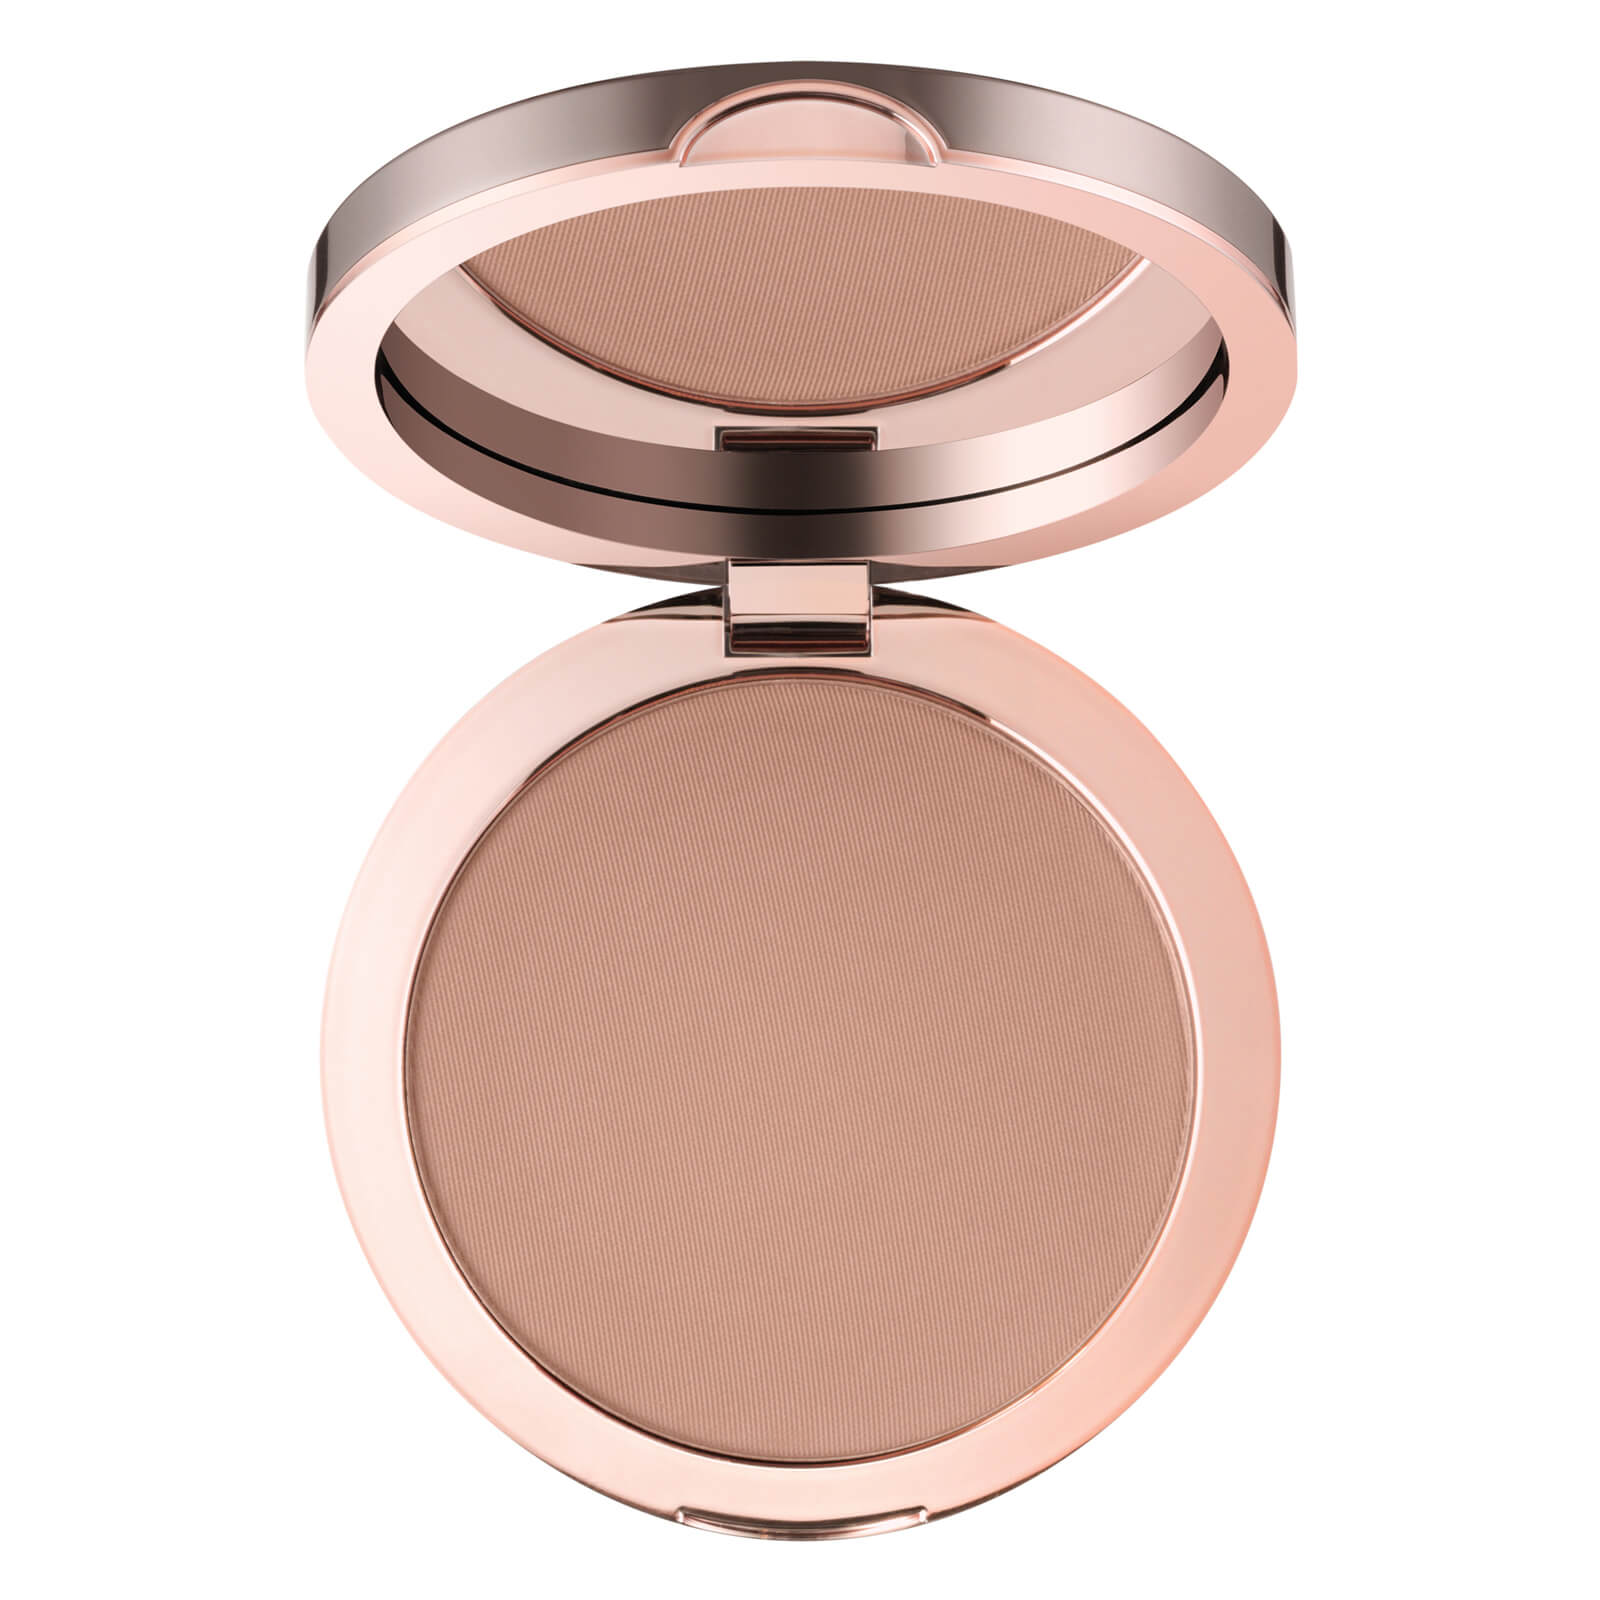 delilah Sunset bronzer matte 11 g (varie tonalità) - Light Medium